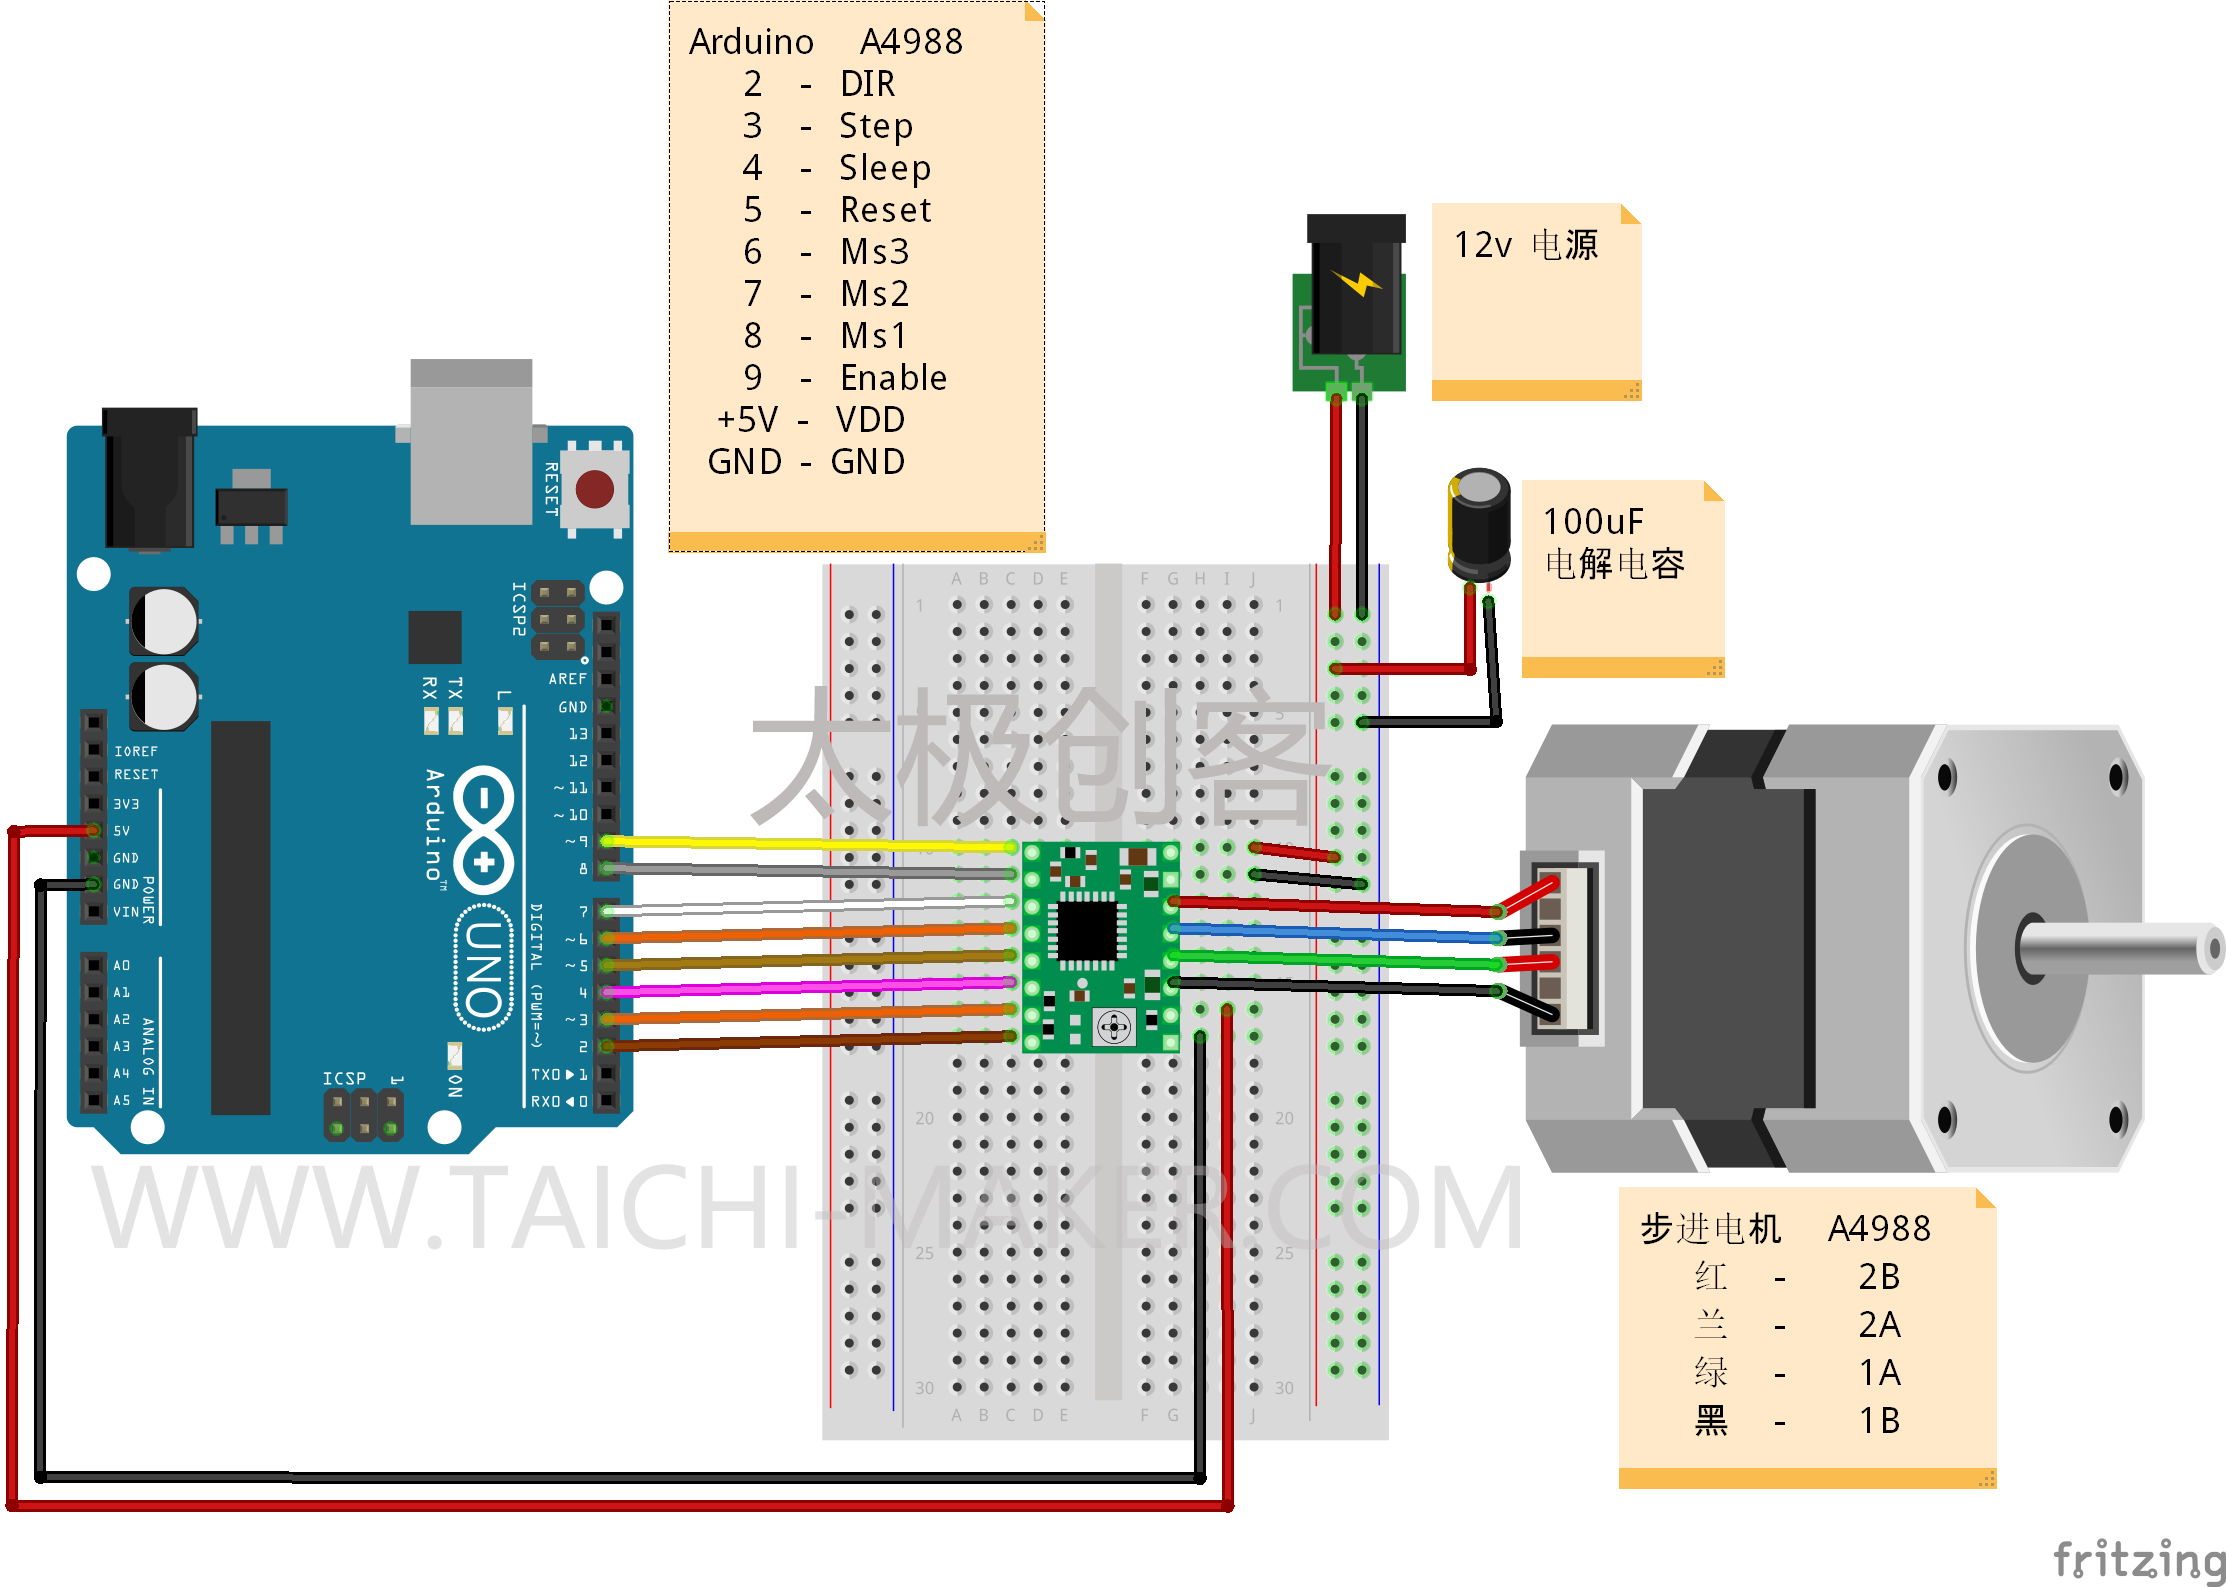 42步进电机驱动电路_A4988驱动NEMA步进电机(42步进电机) – 太极创客